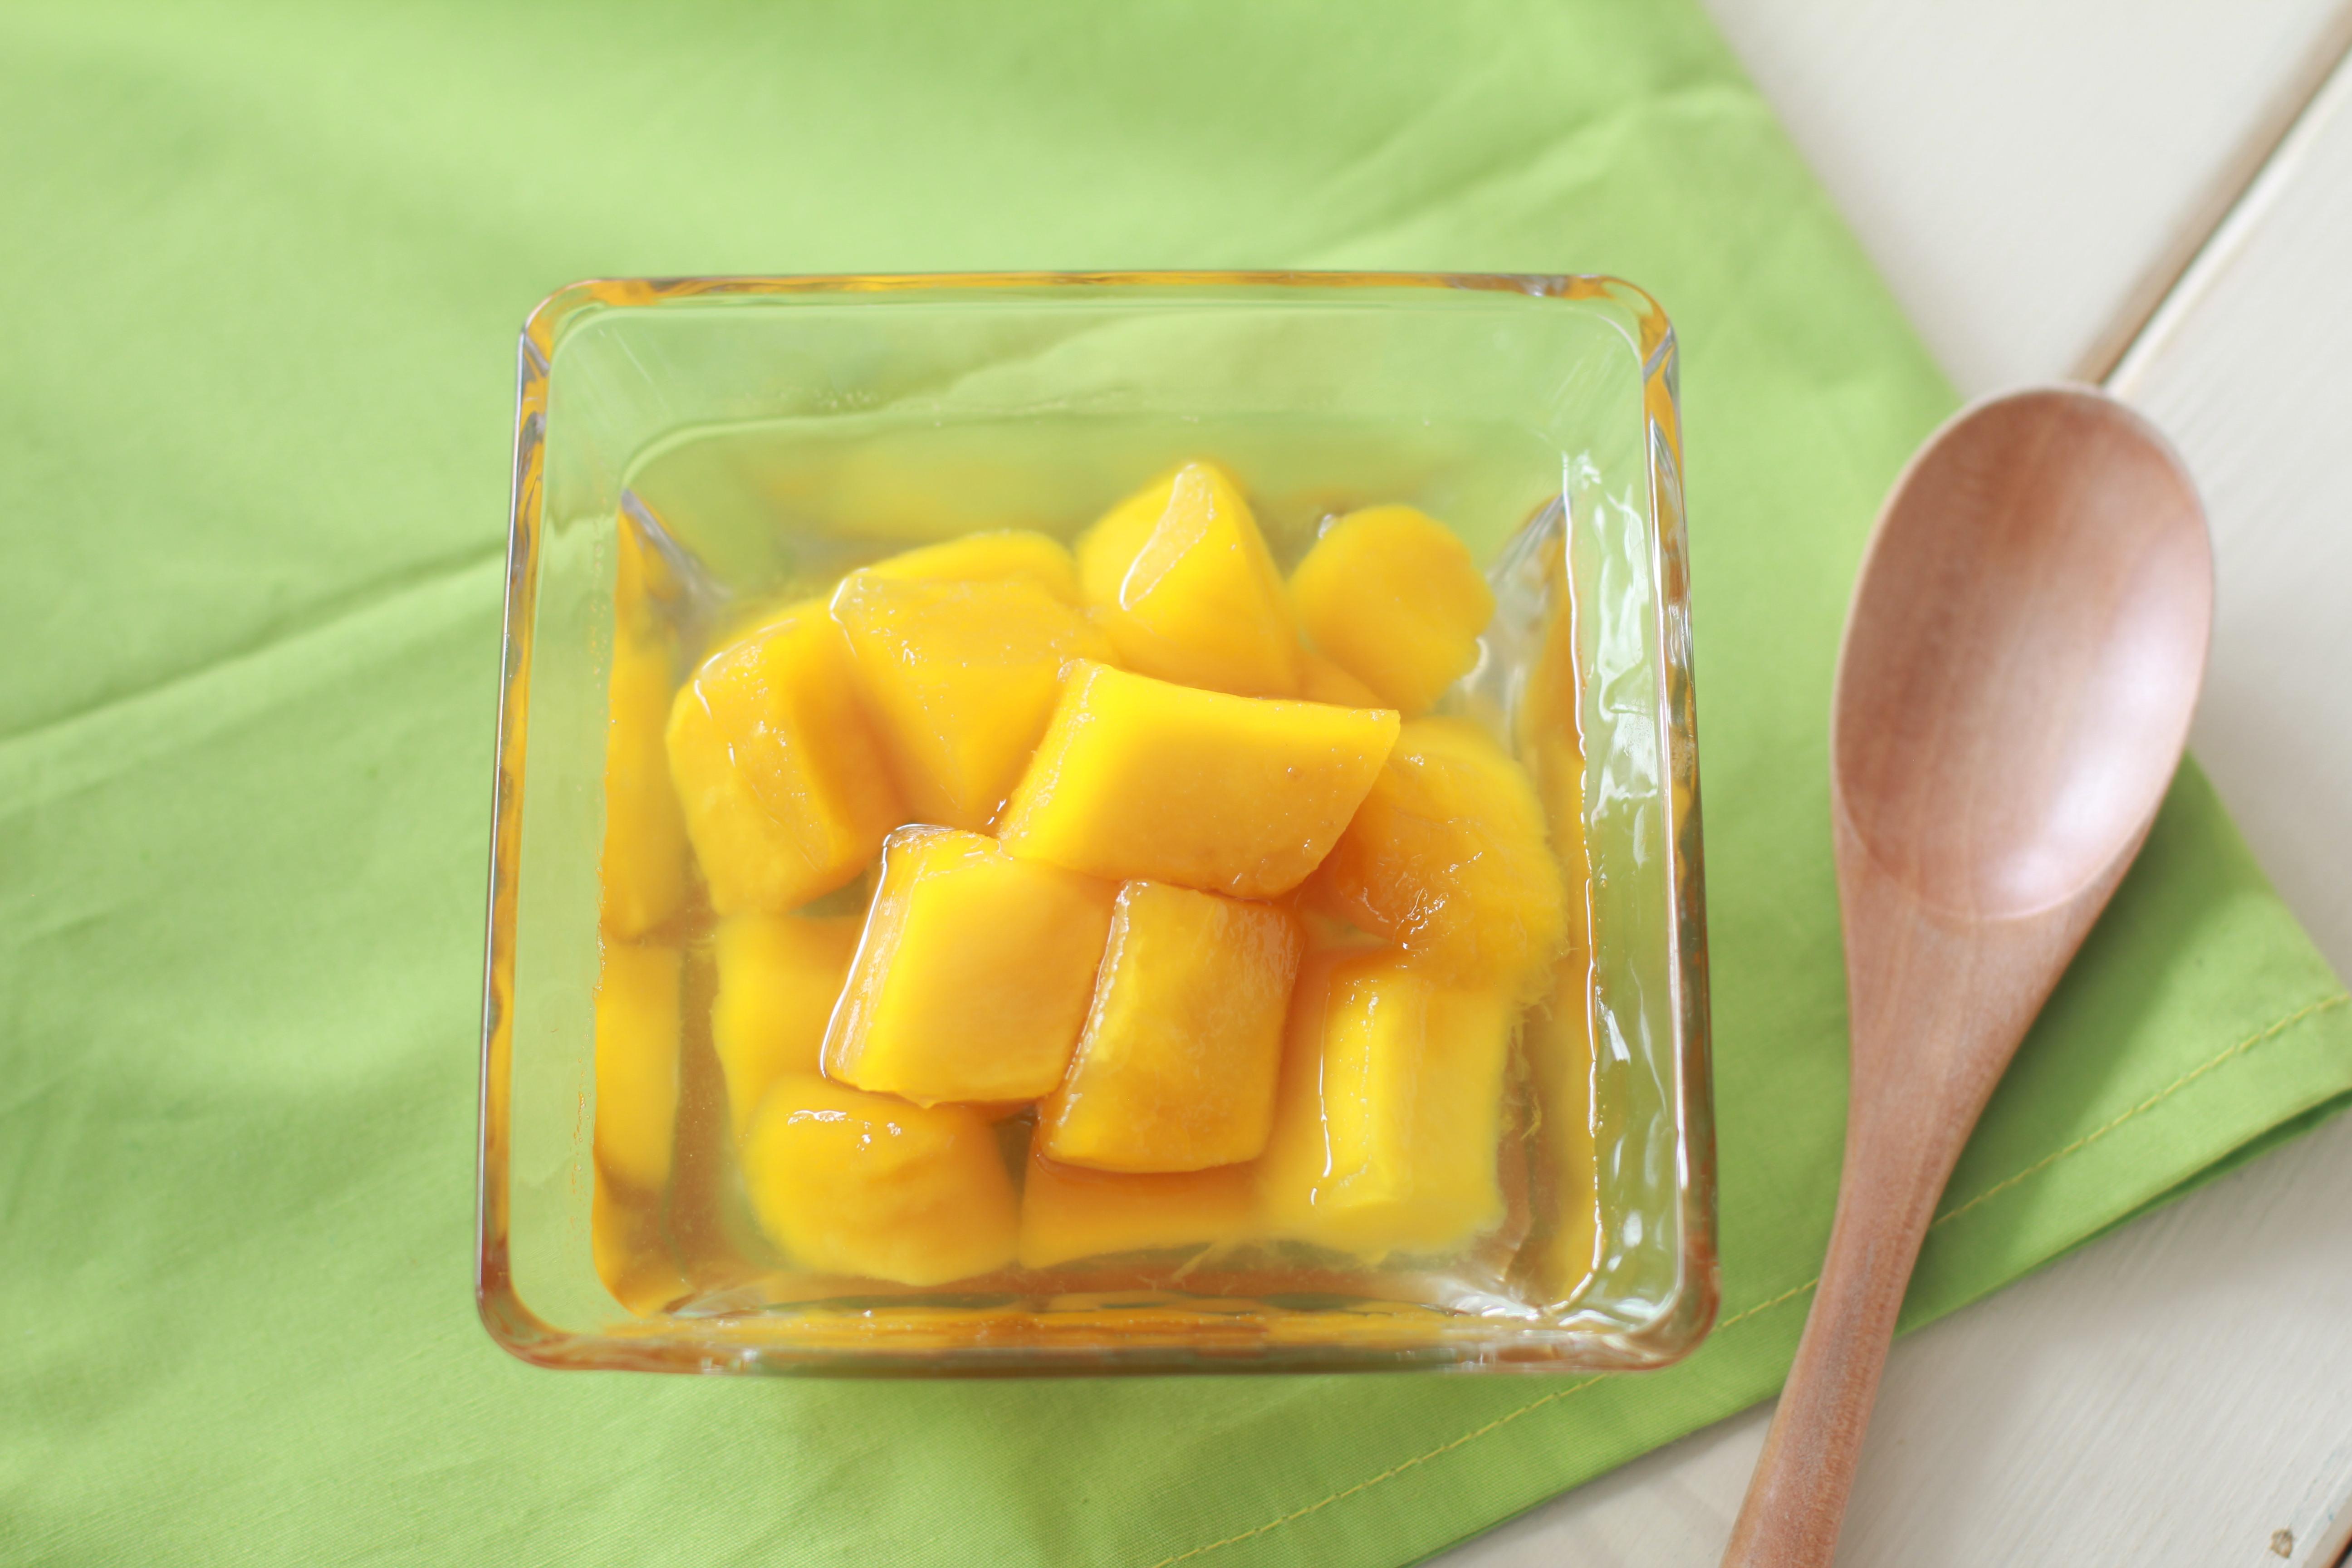 使い道は和食だけじゃない。「みりん」でフルーツを煮ると絶品だった・・・